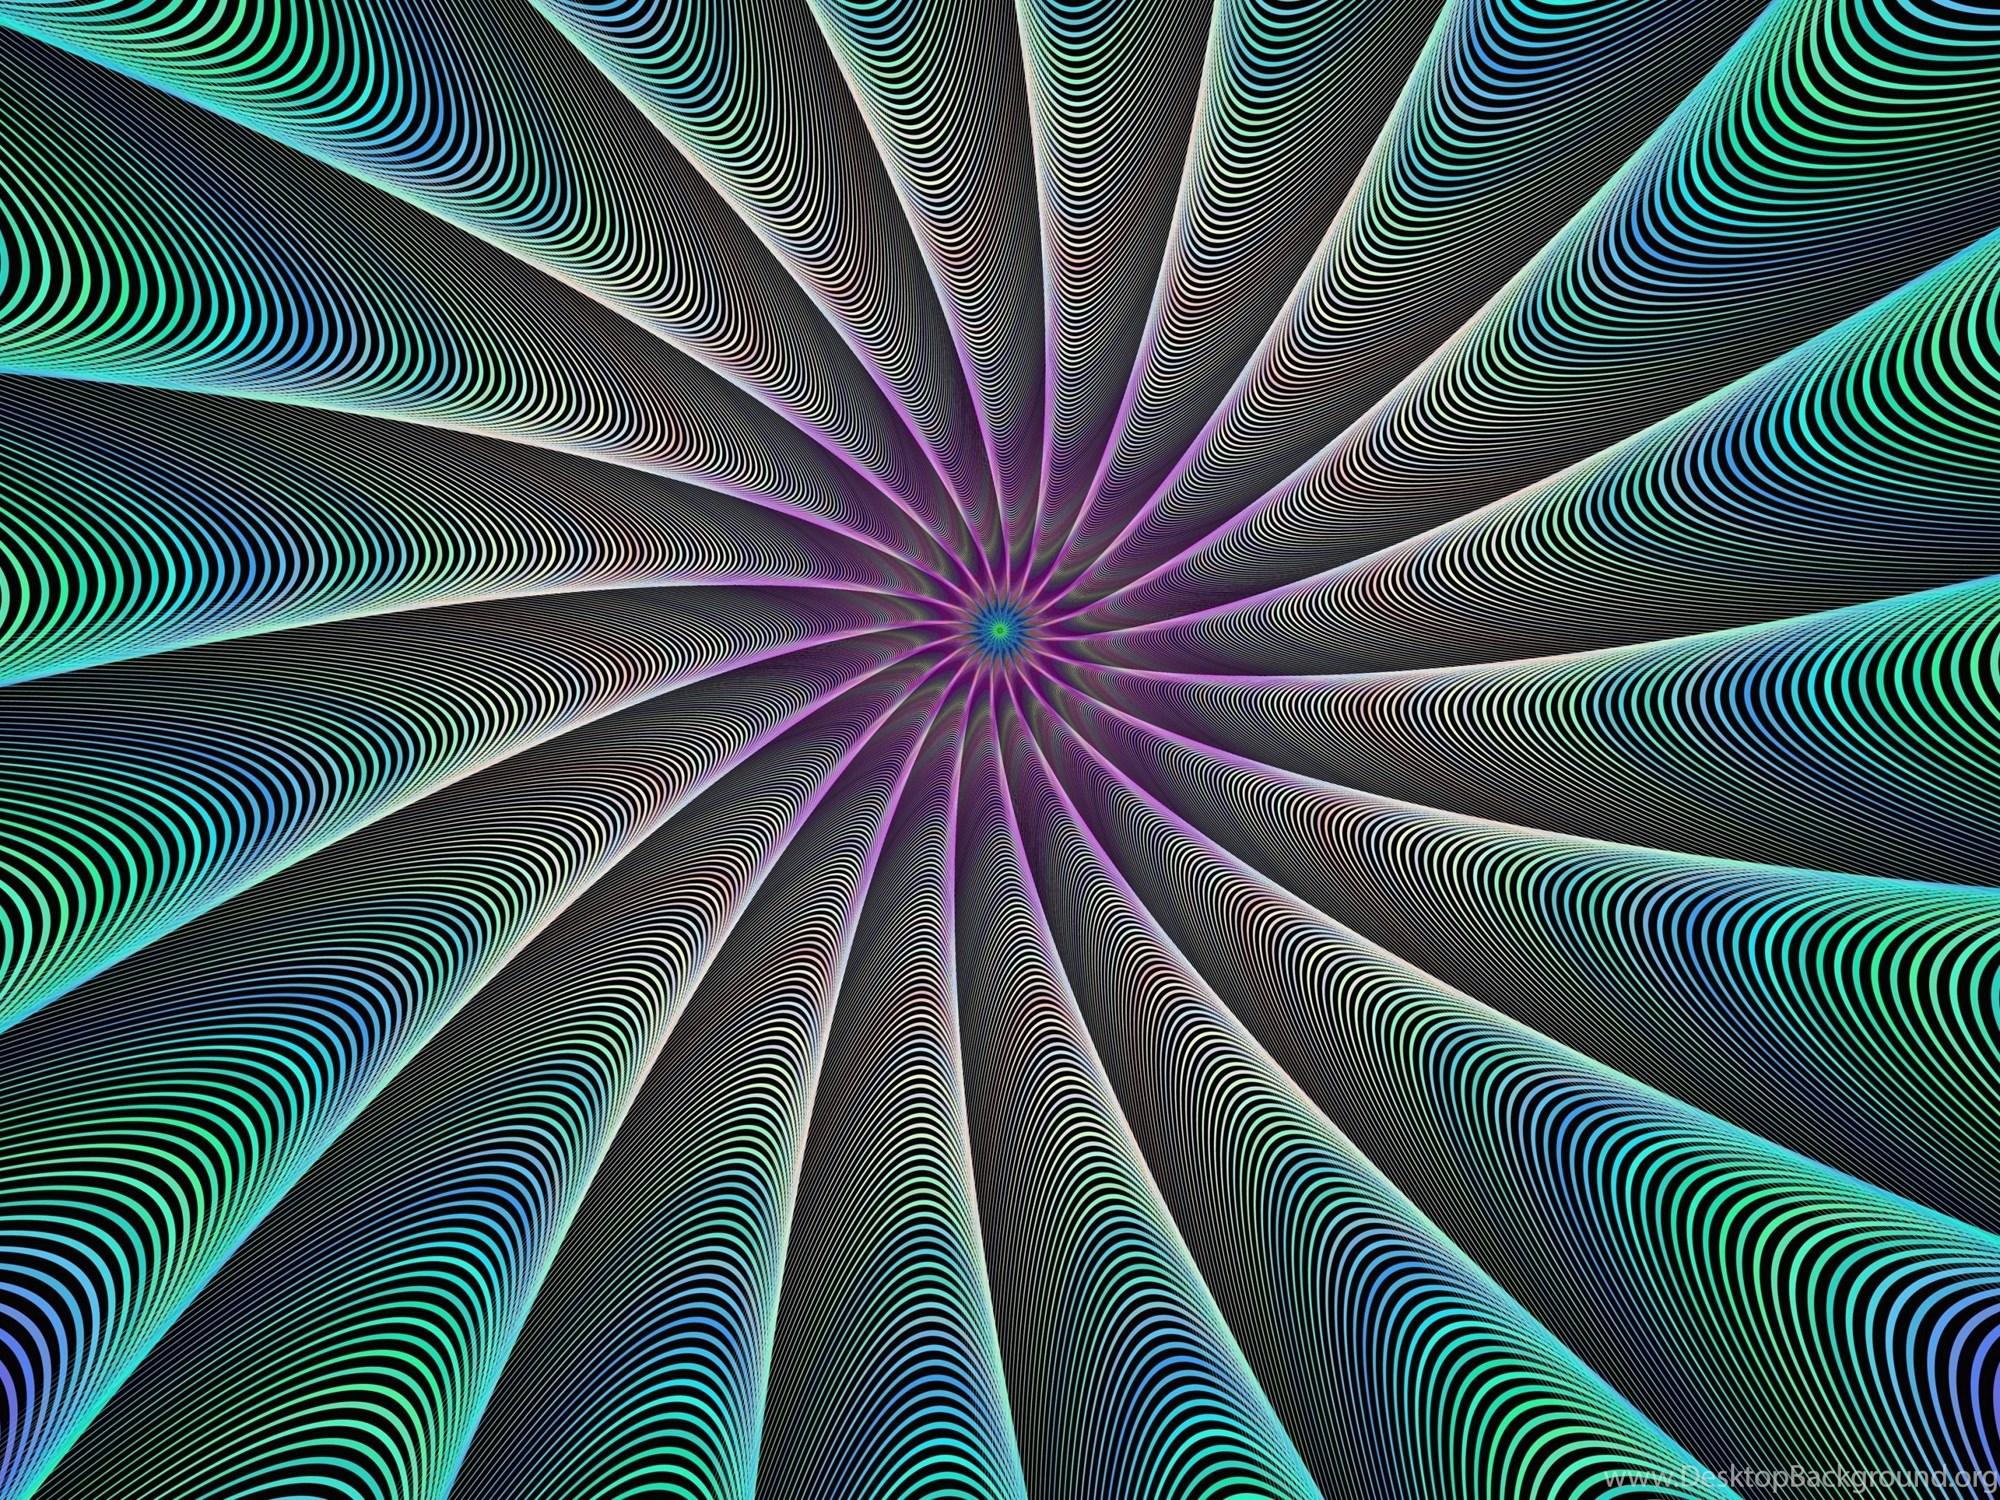 4k Trippy Fractal Wallpapers Desktop Background